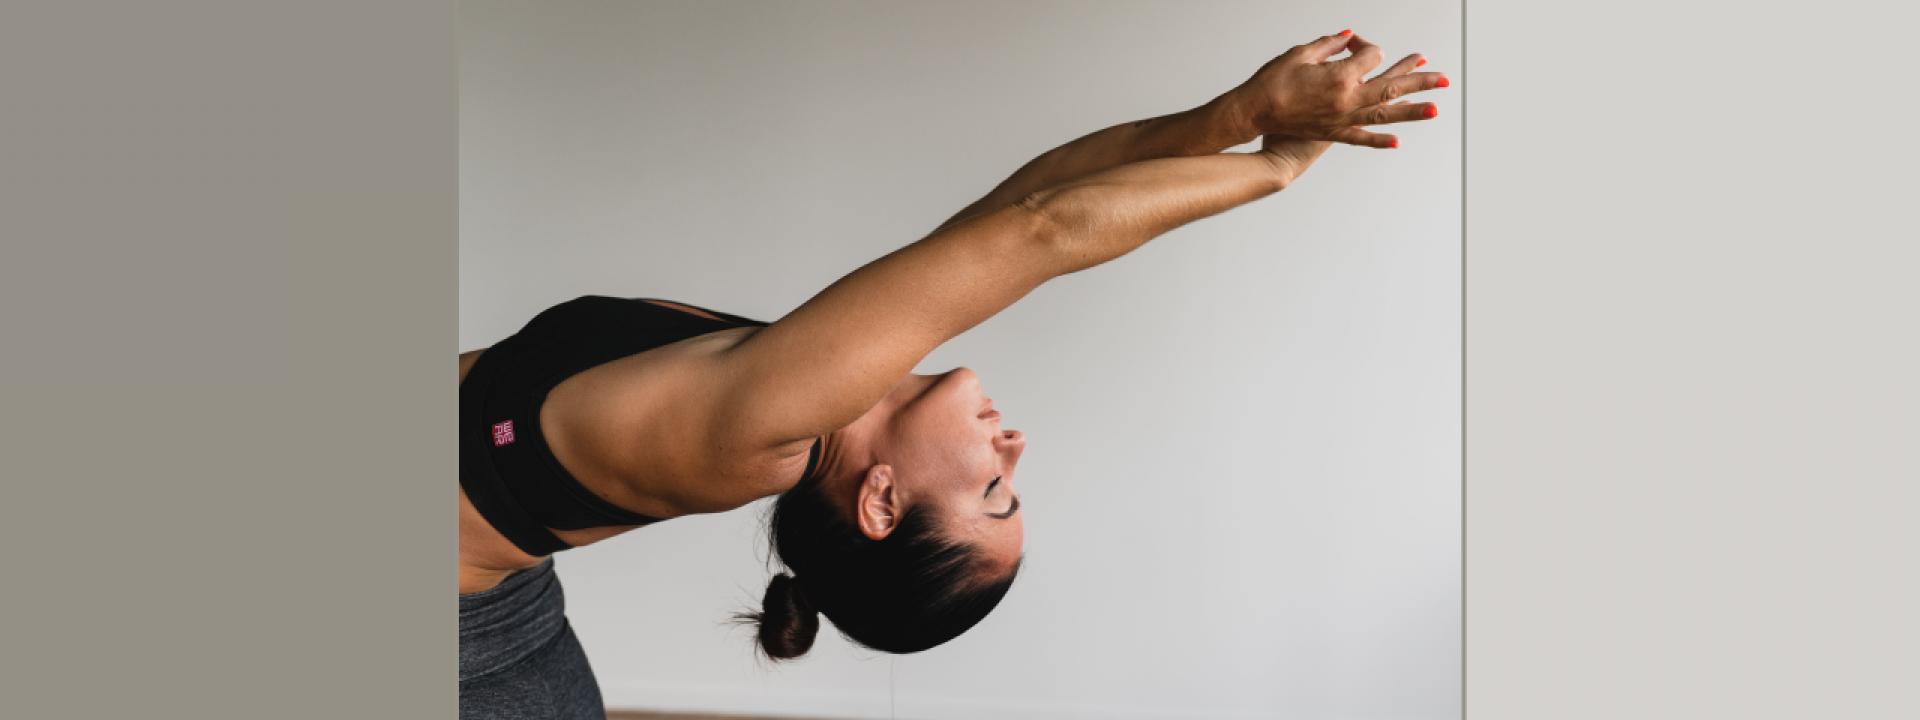 Φωτογραφία από αθλήτρια που εκτελεί ασκήσεις yoga